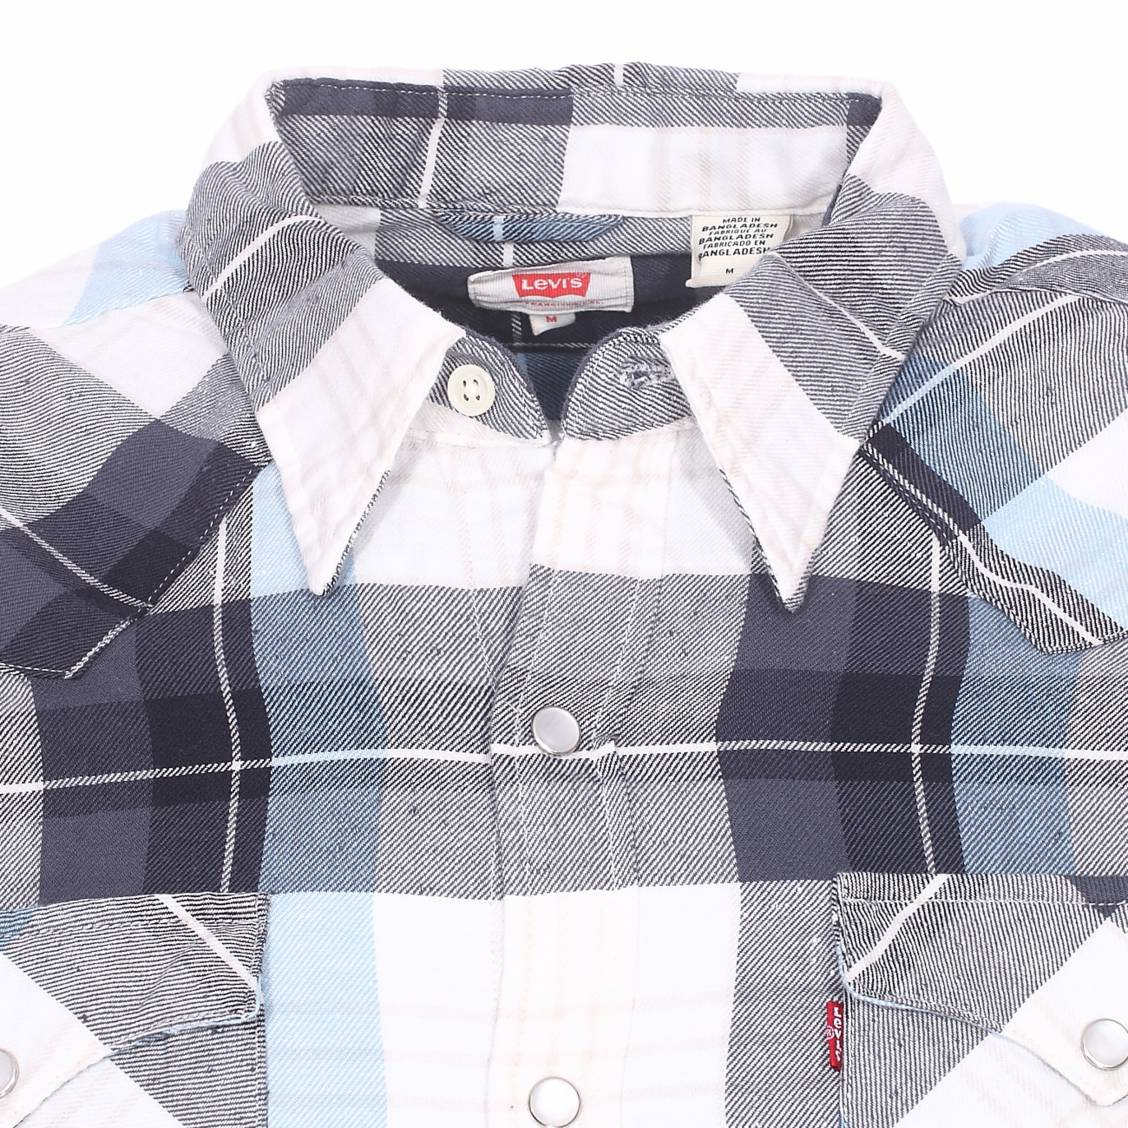 chemise barstow western levi 39 s en coton carreaux bleu ciel bleu marine gris et blancs rue. Black Bedroom Furniture Sets. Home Design Ideas